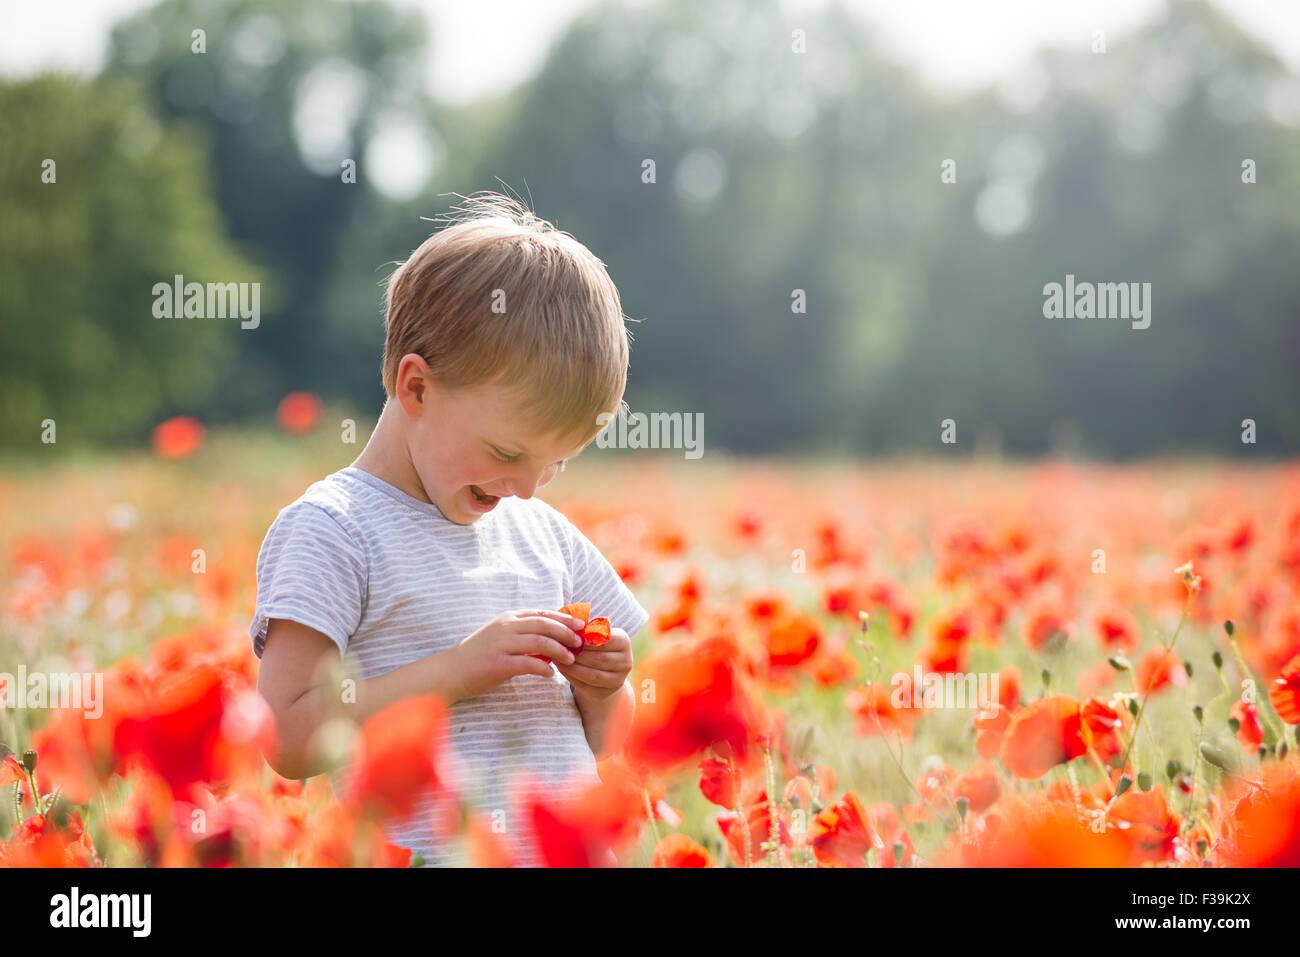 Ragazzo sorridente in piedi in un campo di semi di papavero Immagini Stock